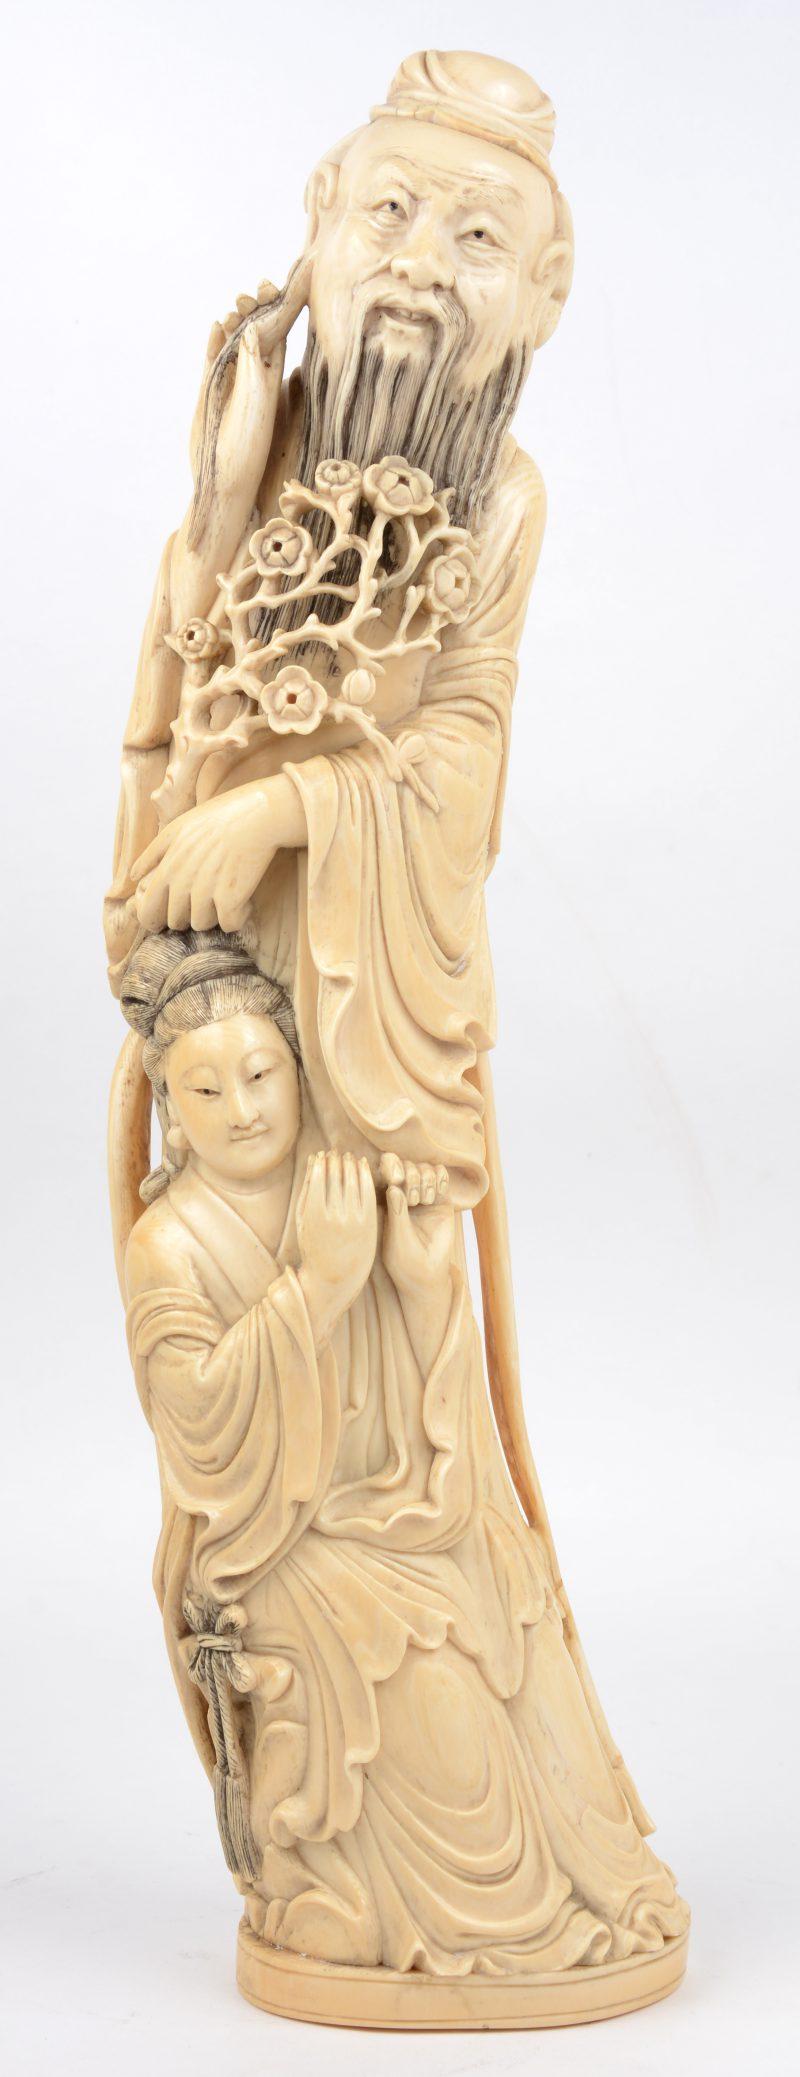 """""""Oude wijze met vrouw"""". Een gesculpteerd ivoren beeld. Onderaan gesigneerd. China, begin XXe eeuw. Instrument manco"""